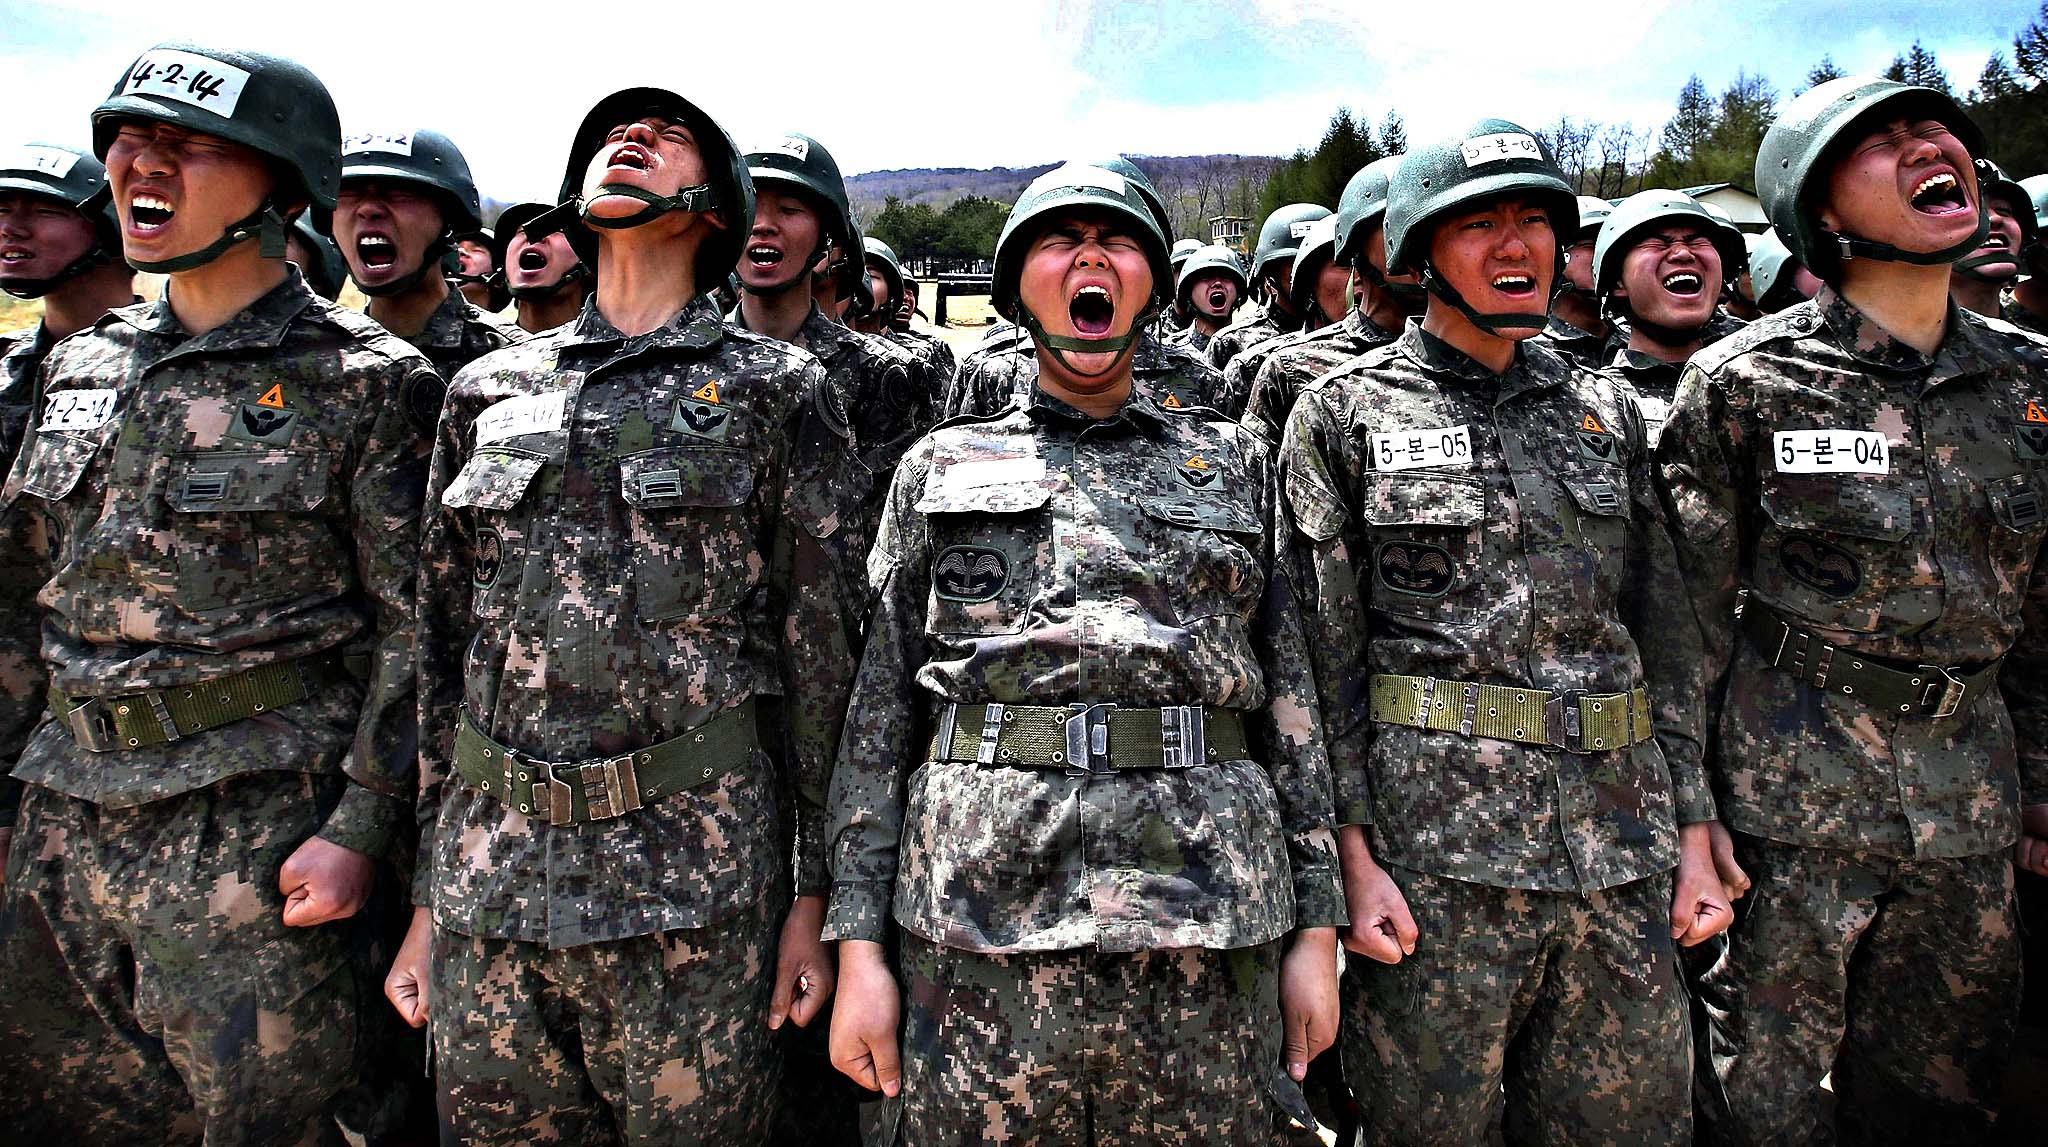 Wajib militer korea